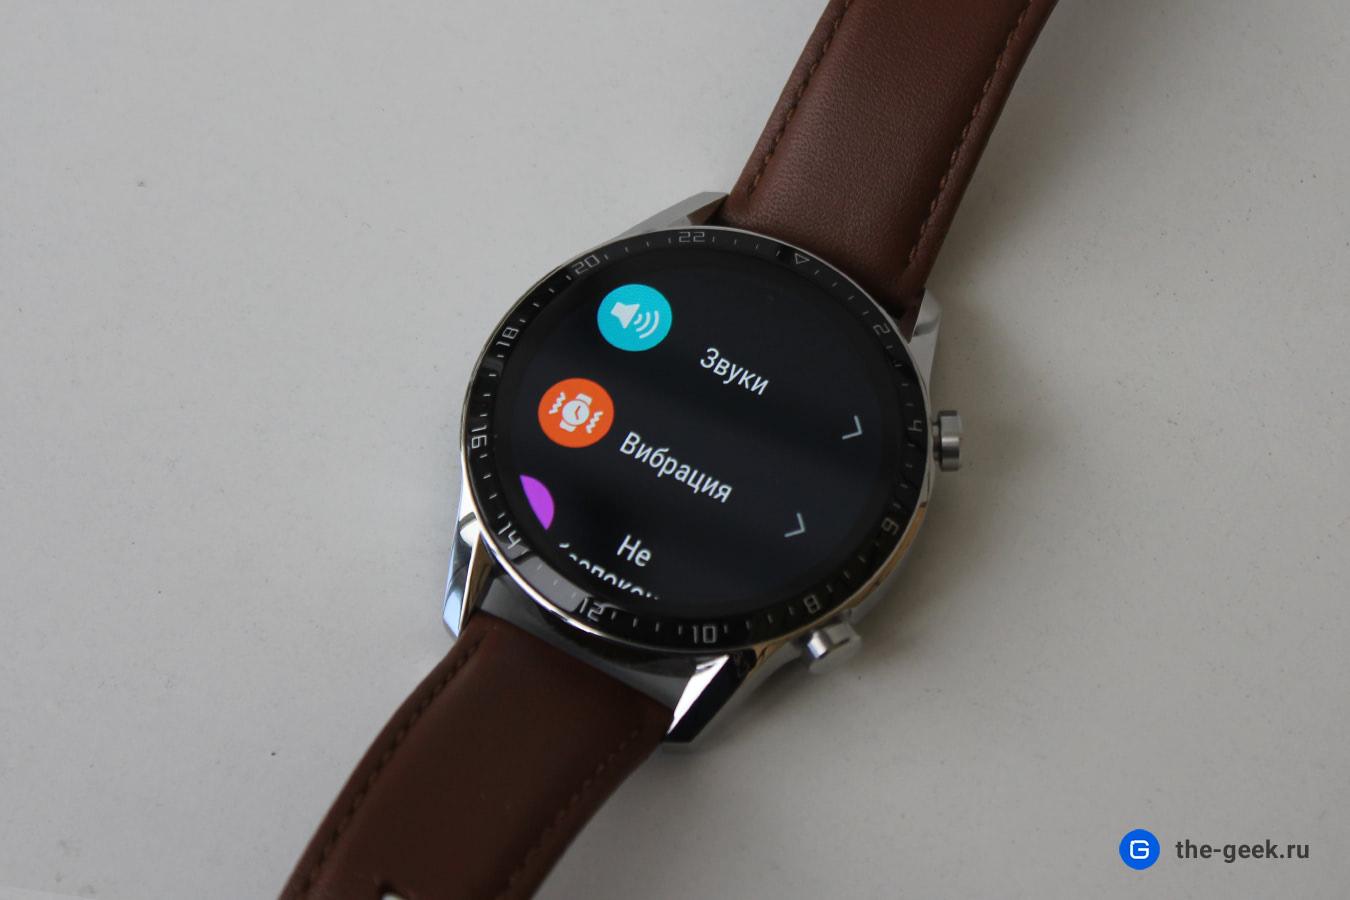 Huawei Watch Gt 2 5